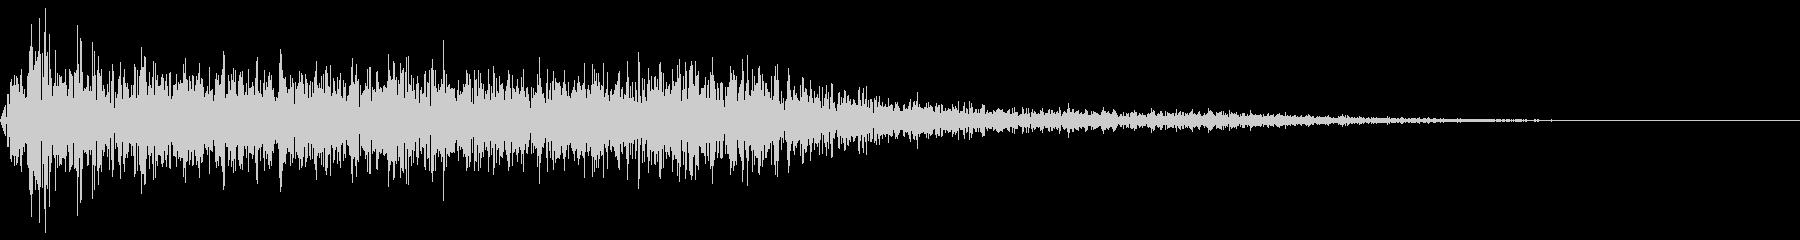 シューッという音EC07_88_5 2の未再生の波形